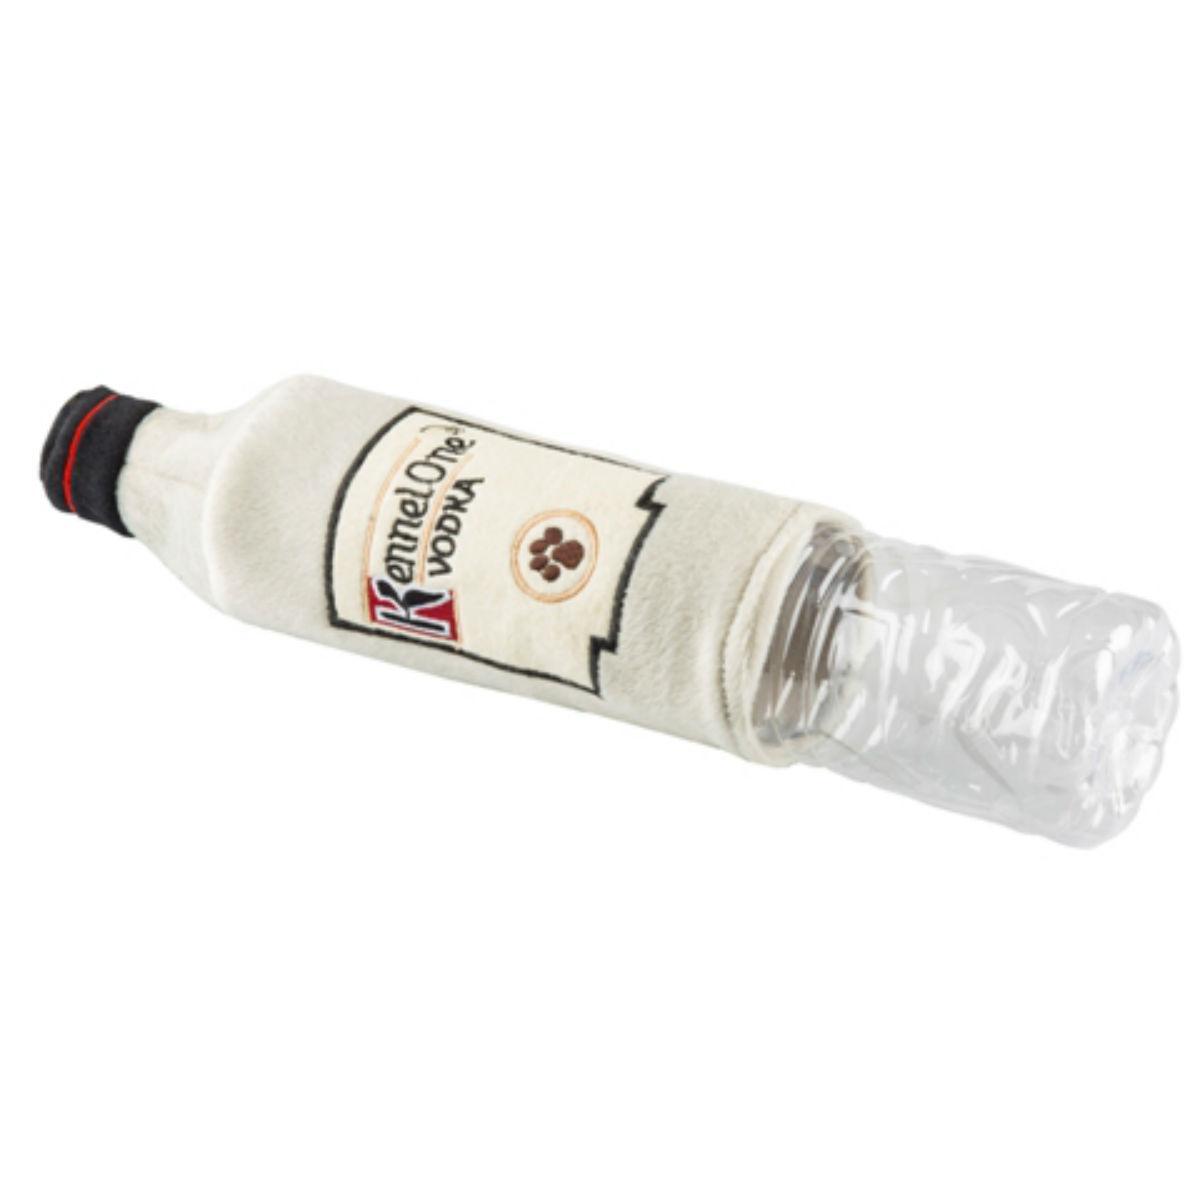 Kennel One Water Bottle Crackler Dog Toy